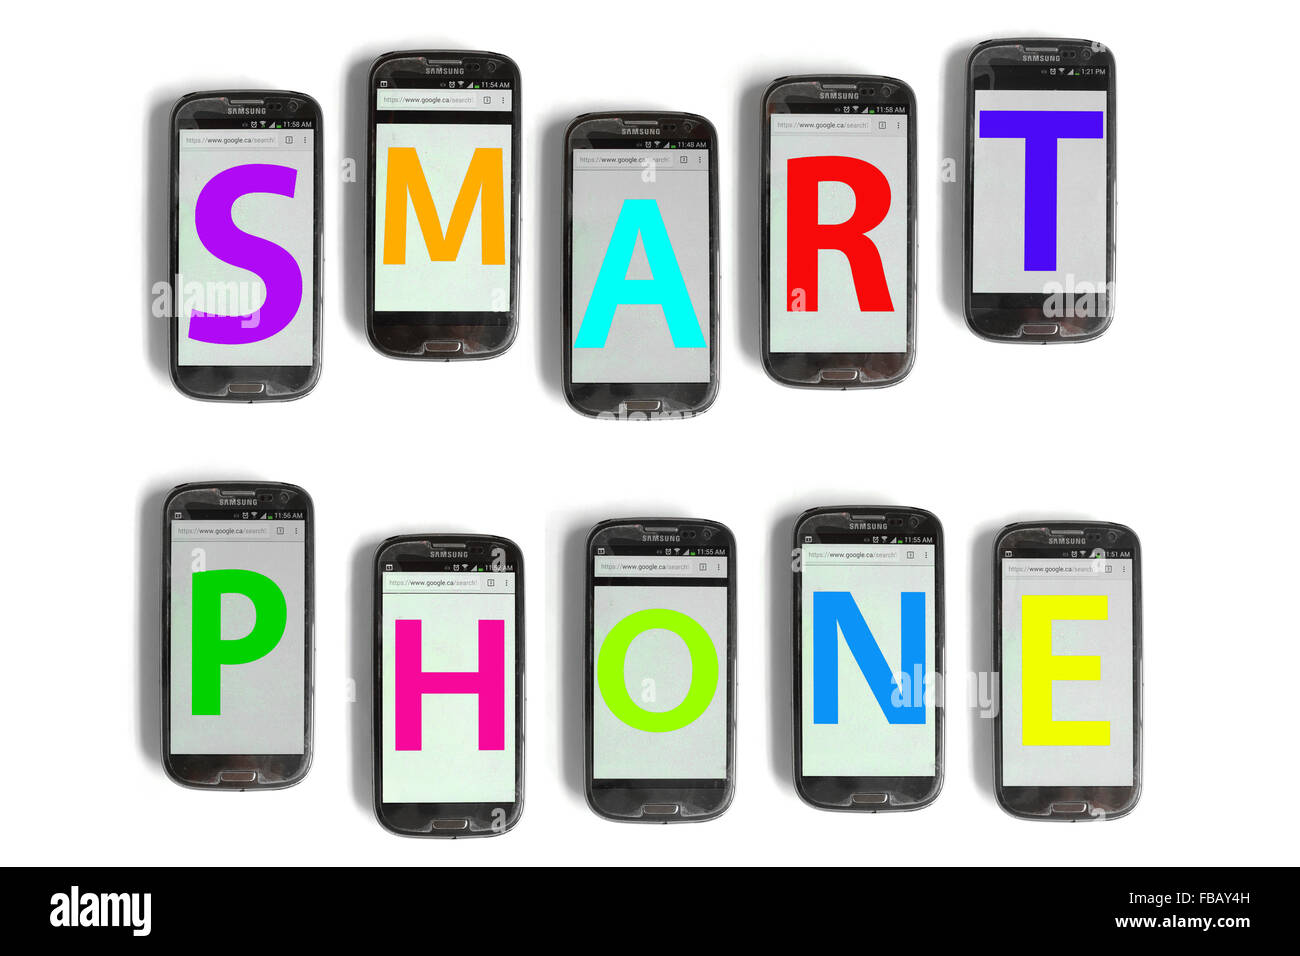 Smart-Phone auf Handy-Bildschirme vor weißem Hintergrund fotografiert geschrieben. Stockbild